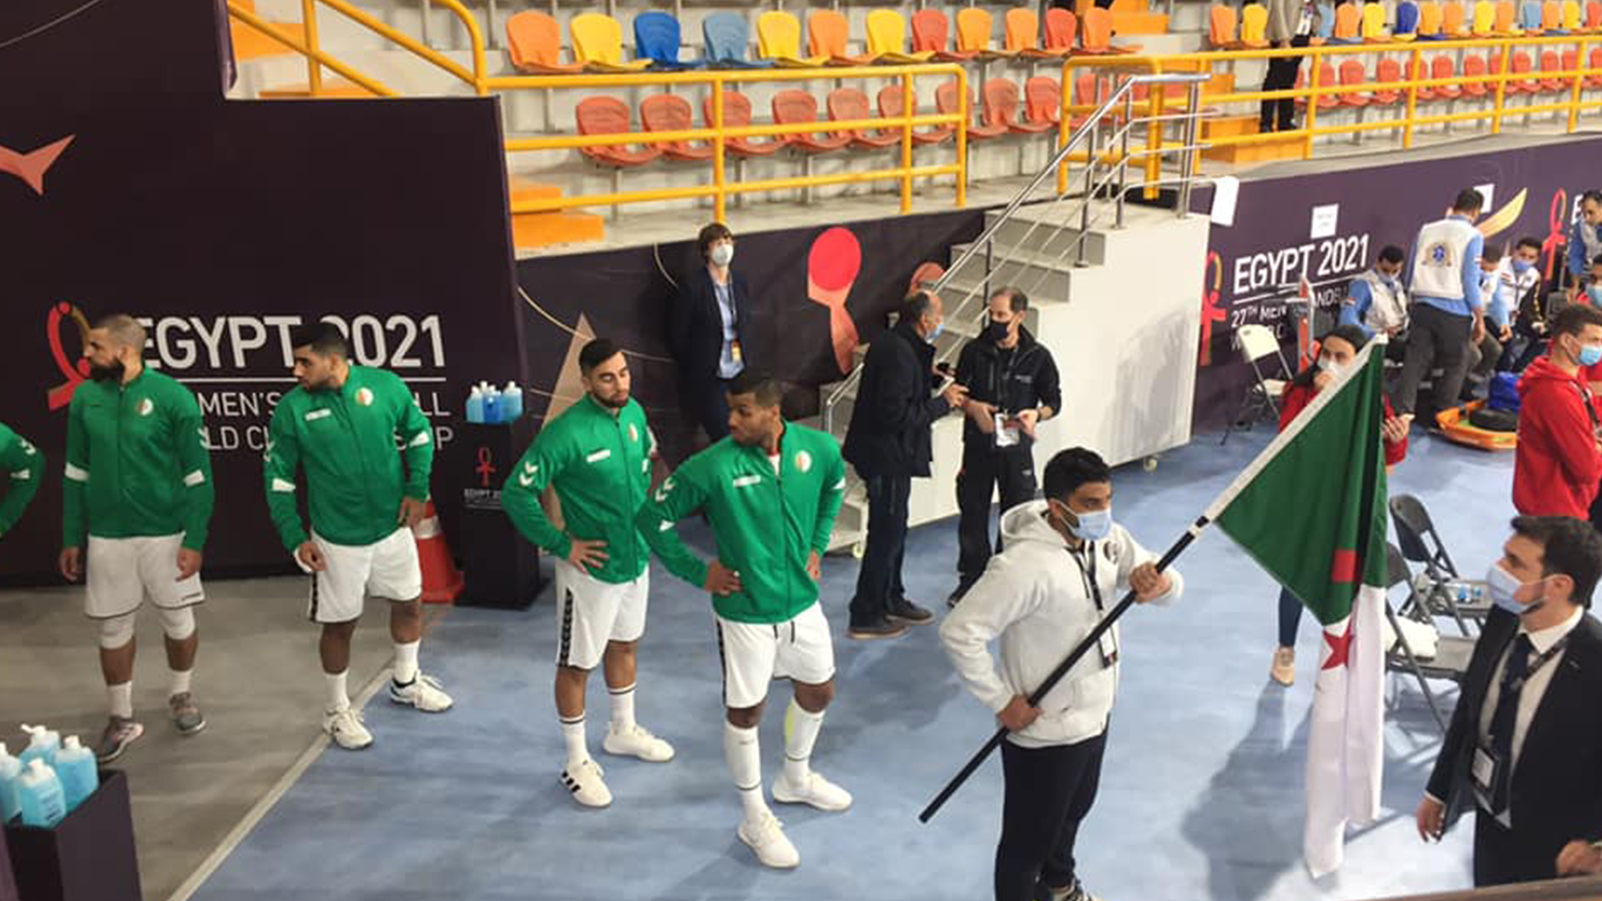 هل ظُلم حقّا المنتخب الجزائري لكرة اليد في مونديال القاهرة؟